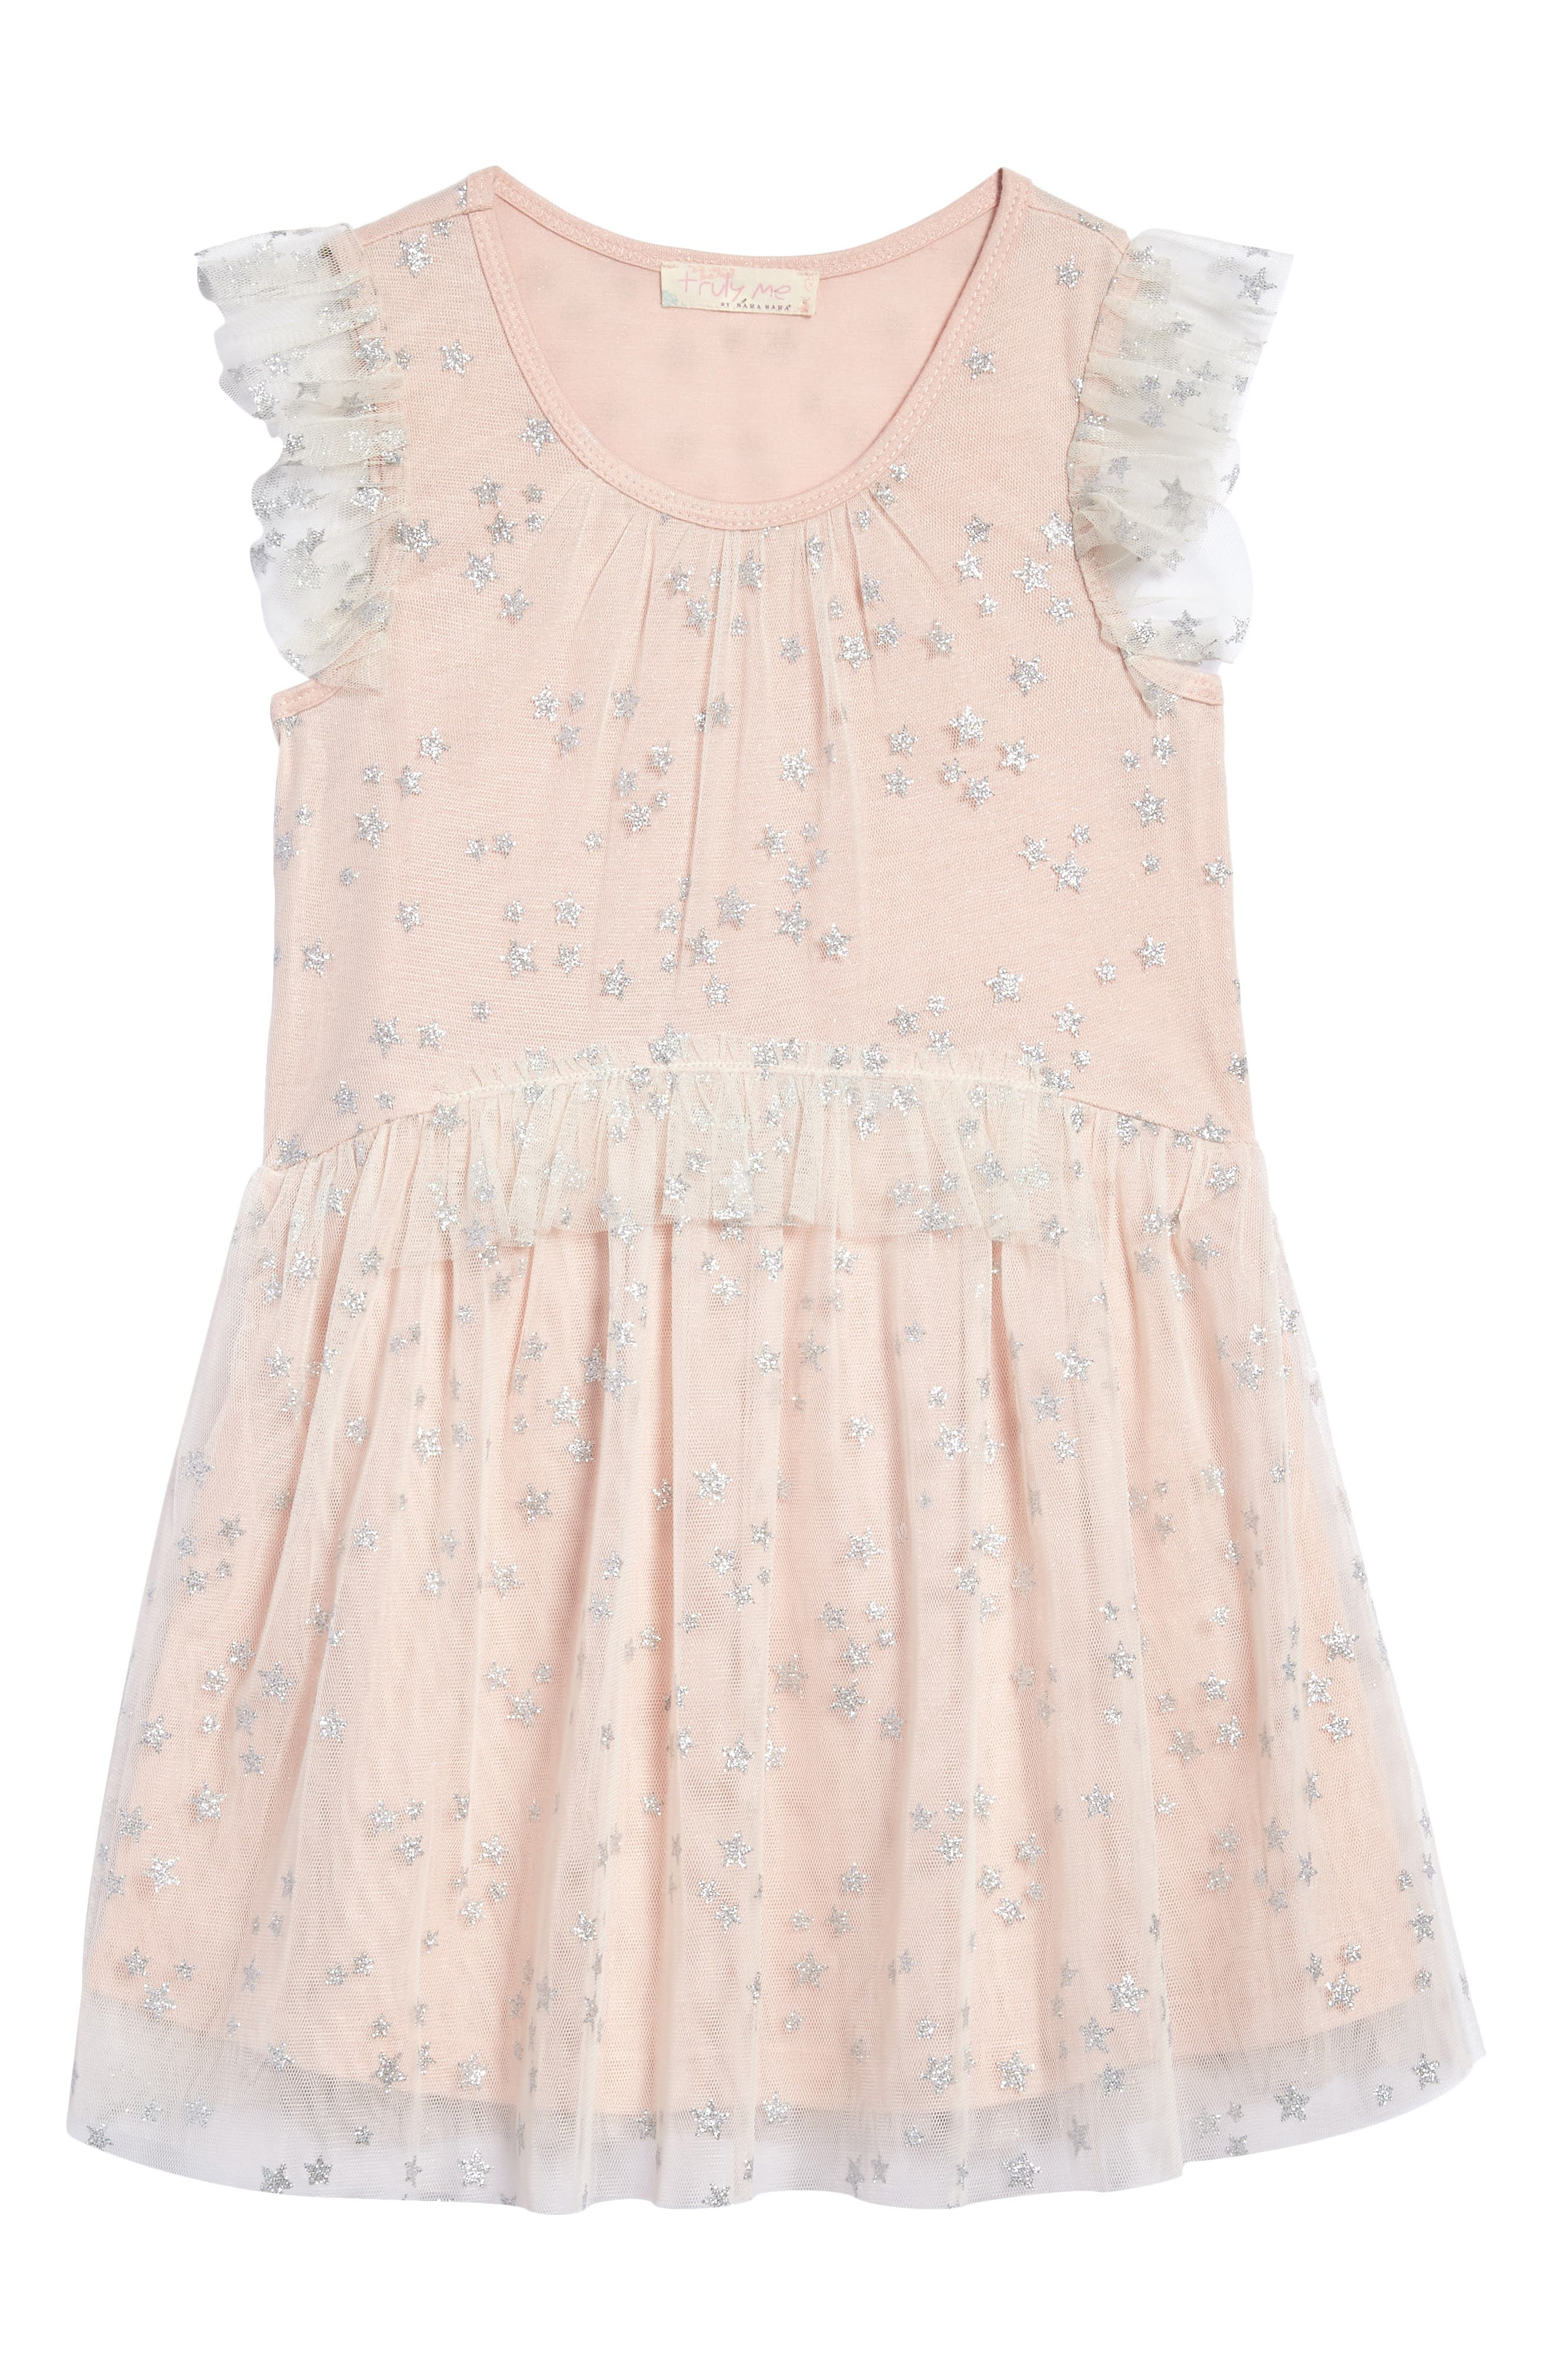 Alternate Image 1 Selected - Truly Me Mesh Star Dress (Toddler Girls & Little Girls)